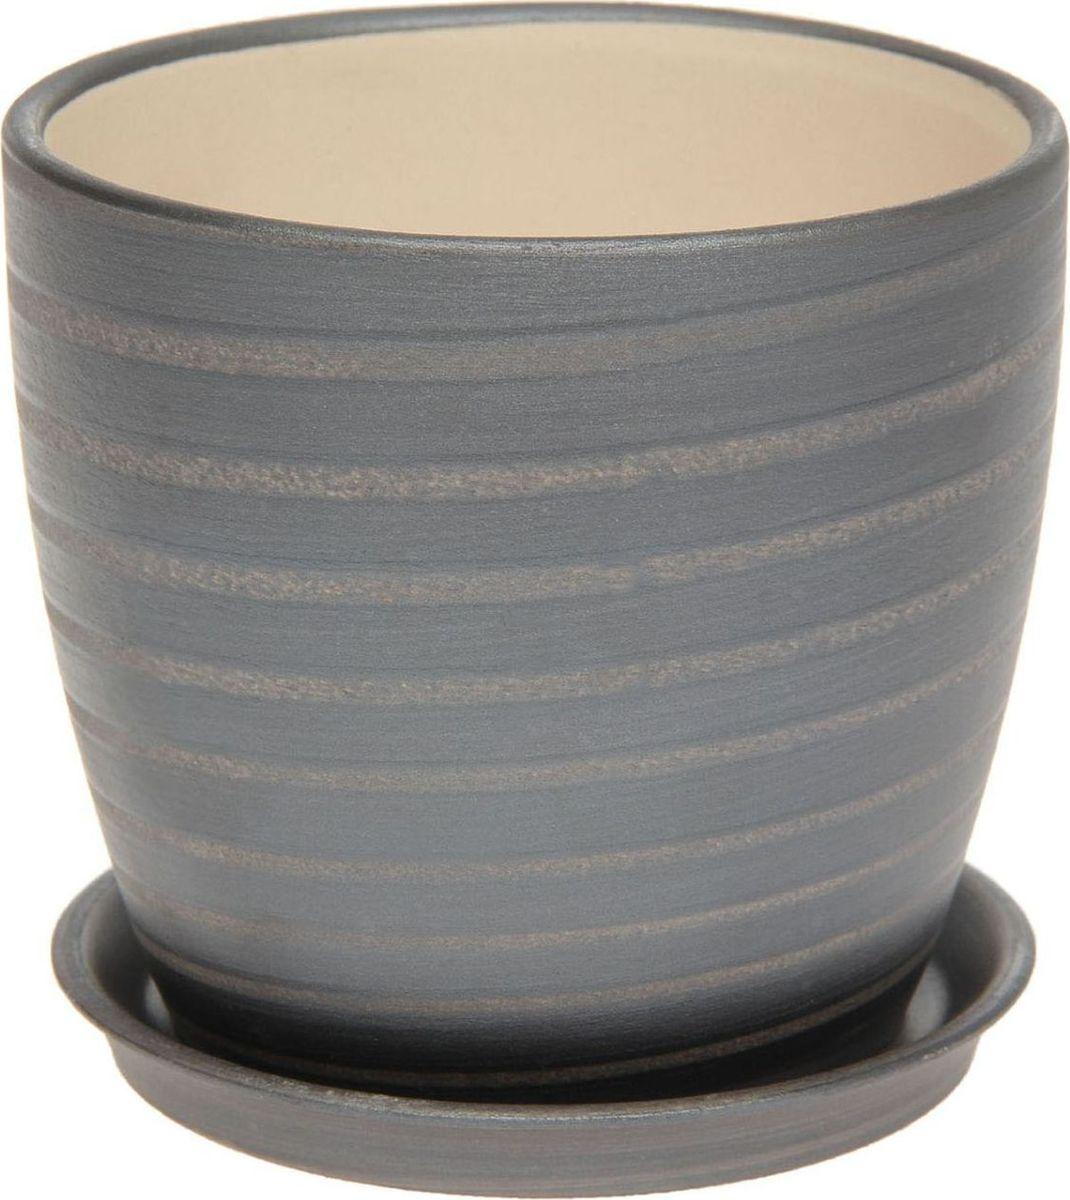 Кашпо Керамика ручной работы Осень. Радуга, цвет: черный, 1 л1131670Комнатные растения — всеобщие любимцы. Они радуют глаз, насыщают помещение кислородом и украшают пространство. Каждому из них необходим свой удобный и красивый дом. Кашпо из керамики прекрасно подходят для высадки растений: за счёт пластичности глины и разных способов обработки существует великое множество форм и дизайновпористый материал позволяет испаряться лишней влагевоздух, необходимый для дыхания корней, проникает сквозь керамические стенки! #name# позаботится о зелёном питомце, освежит интерьер и подчеркнёт его стиль.